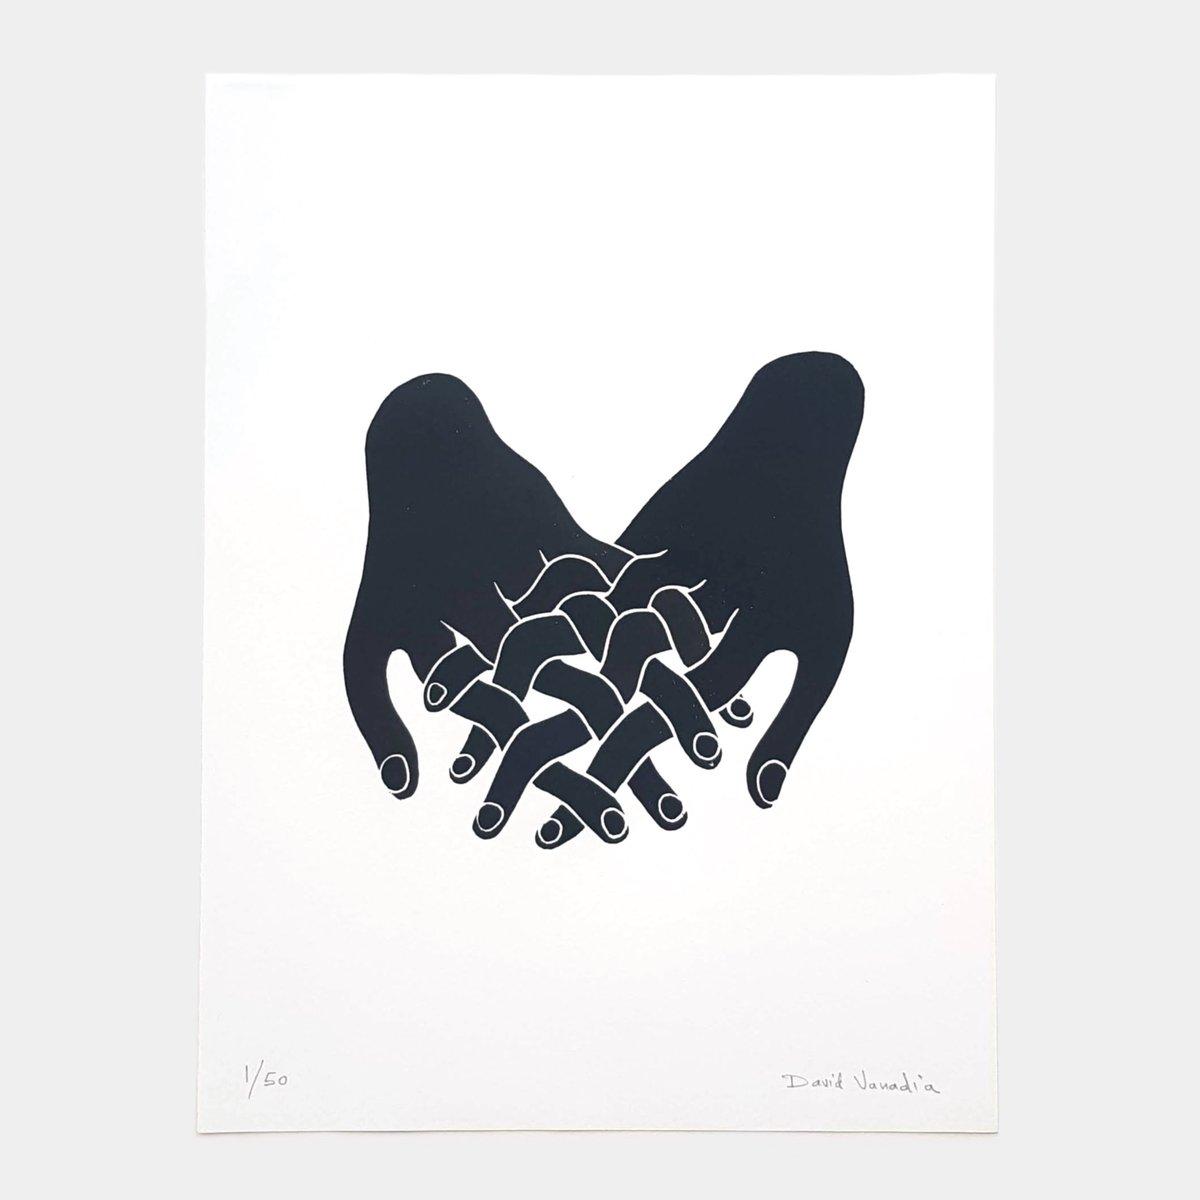 Image of Limited edition linocut print 30 x 40 cm 'Liens Tissés'